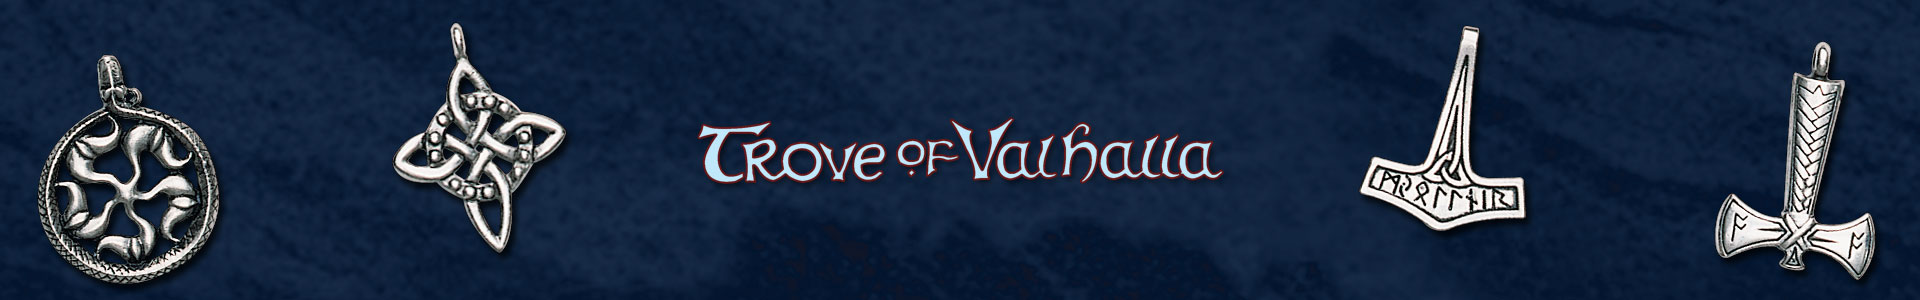 Trove of Valhalla